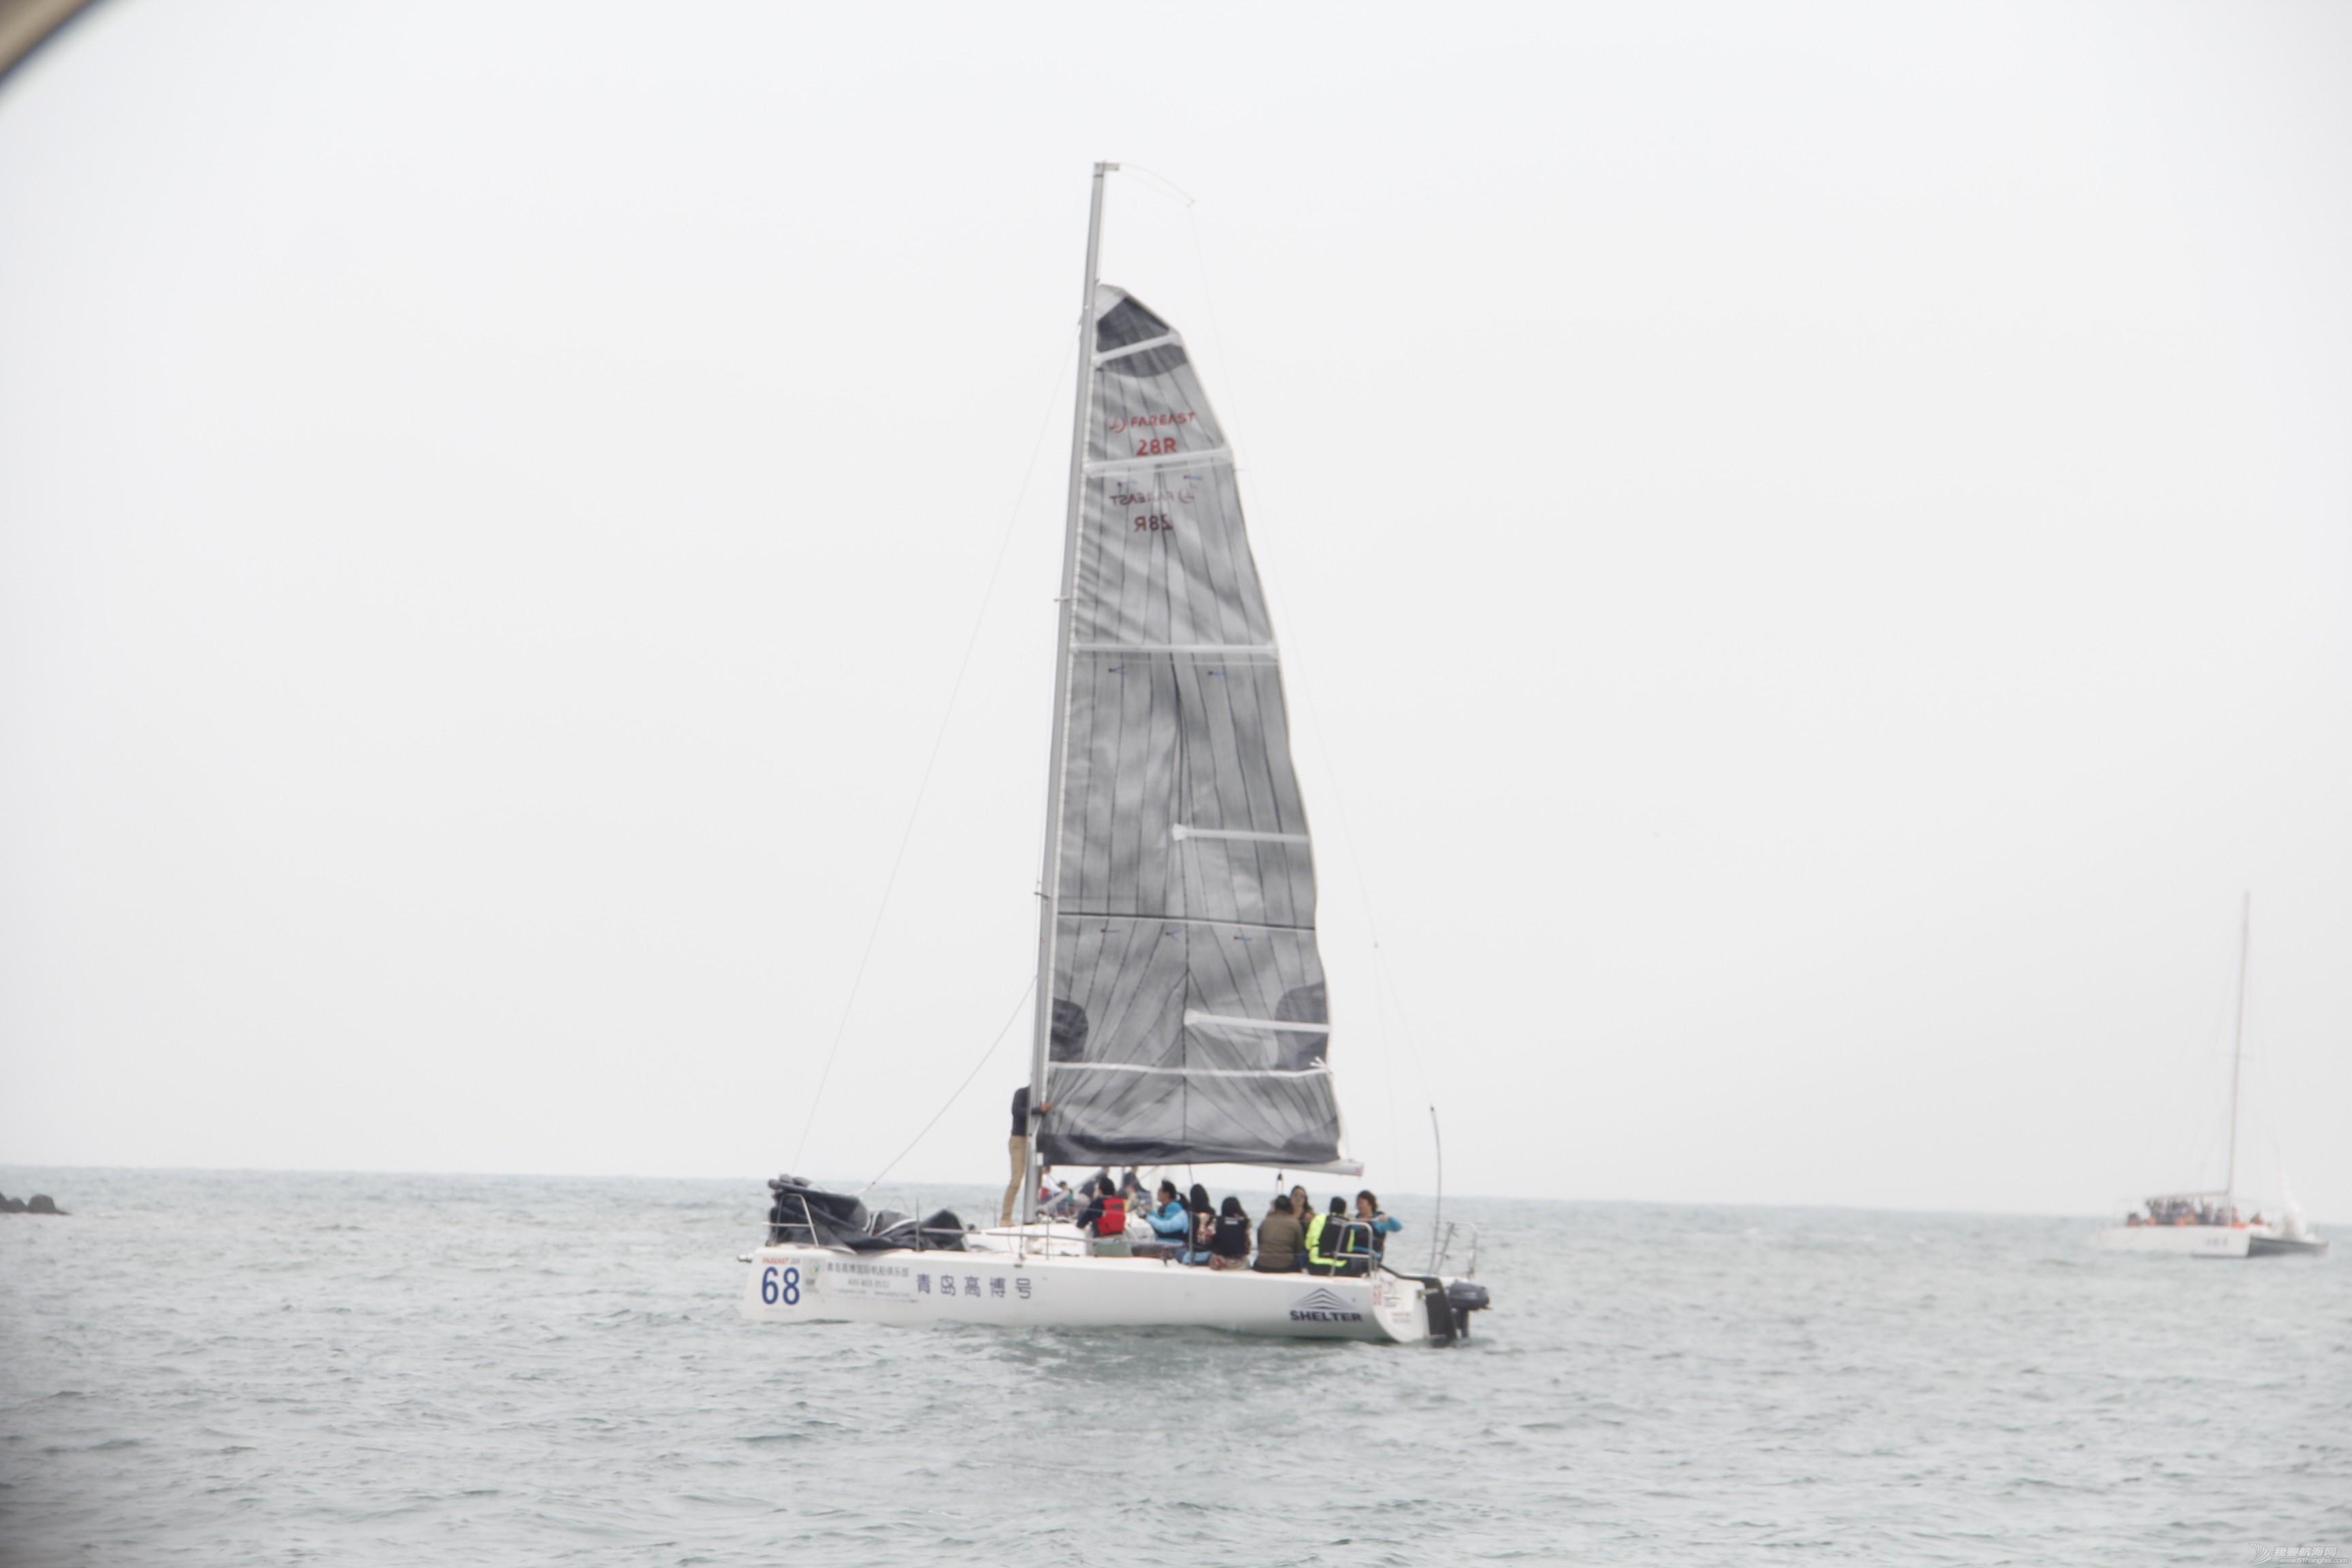 青岛,帆船 10月15日青岛看帆船 _MG_9863.JPG